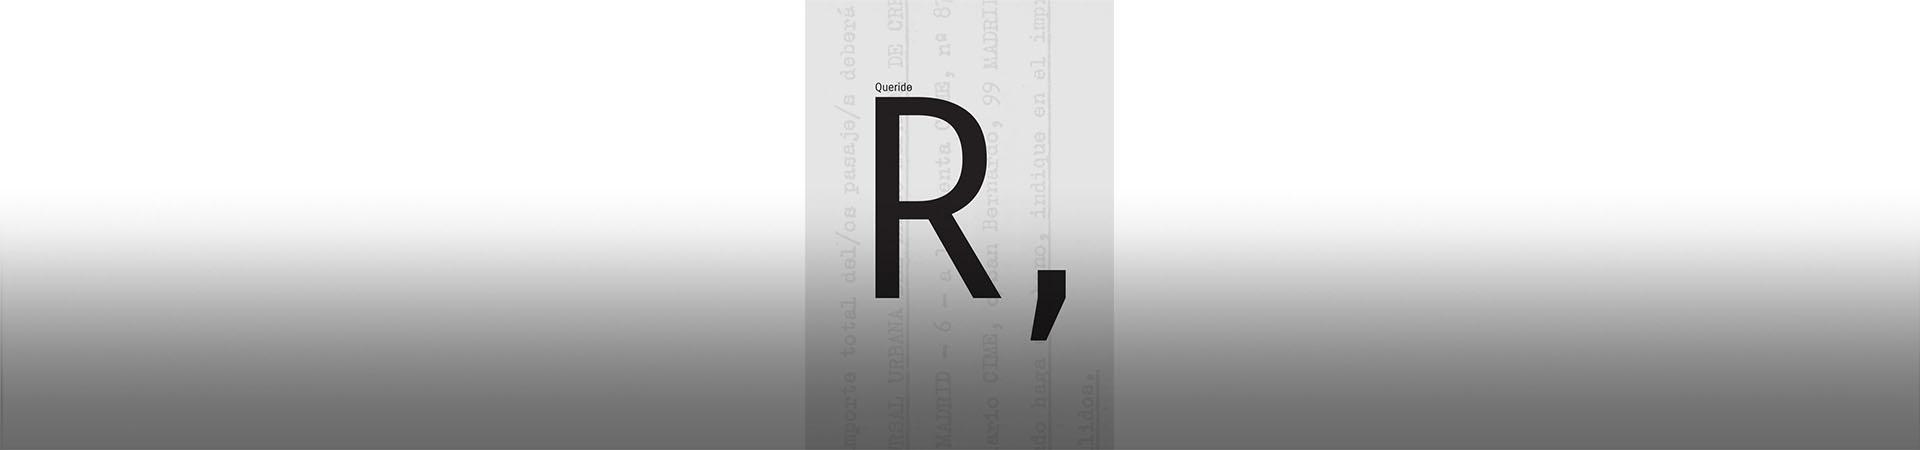 Cubierta Querido R